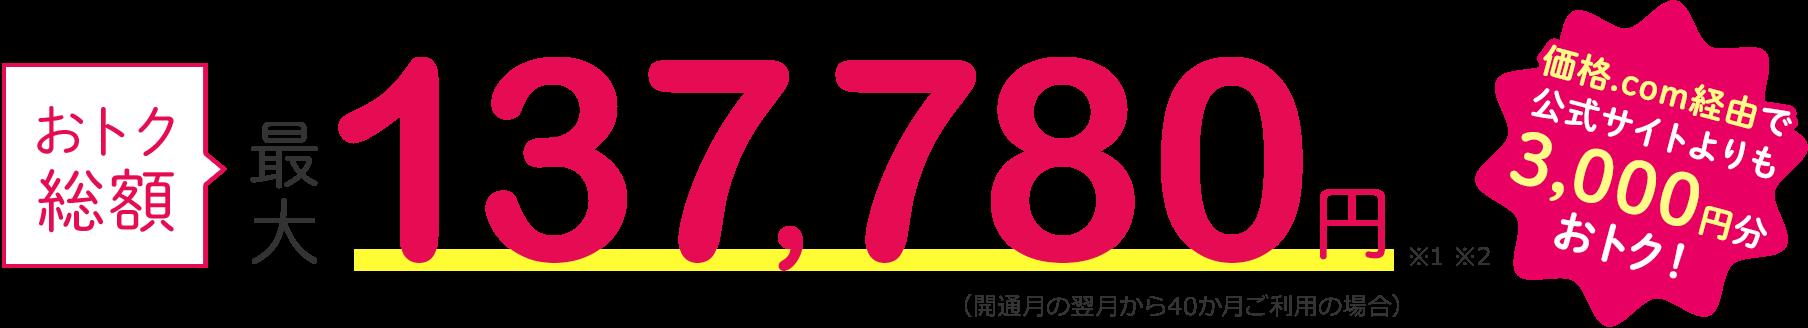 おトク総額最大137,780円 価格.com経由で公式サイトよりも3,000円分おトク!